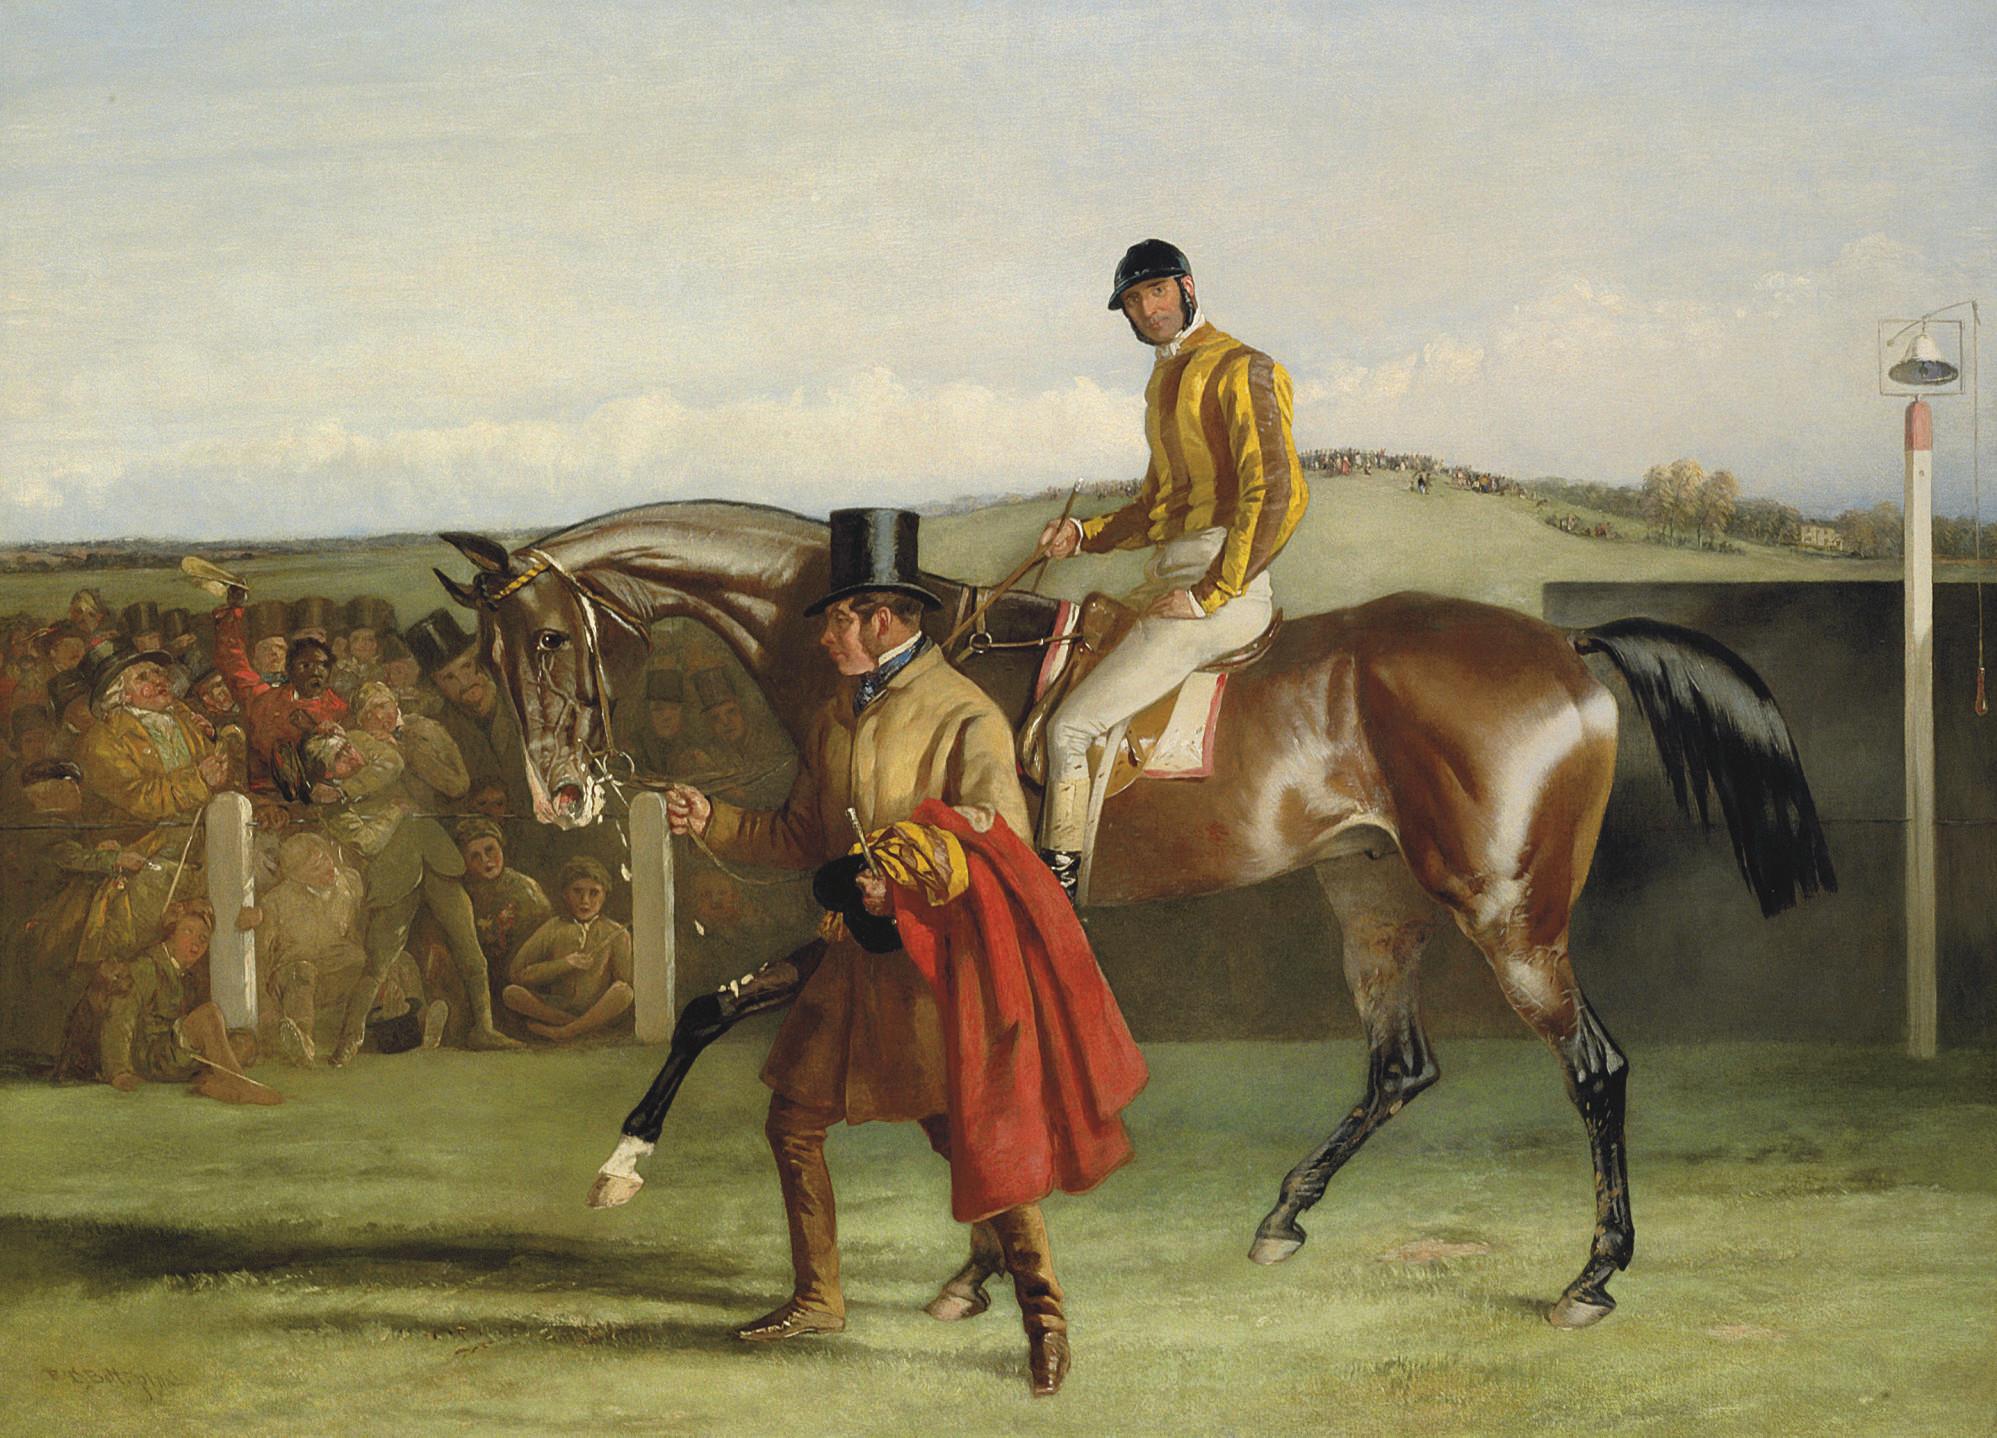 R.T. Bott (Fl/1847-1862)